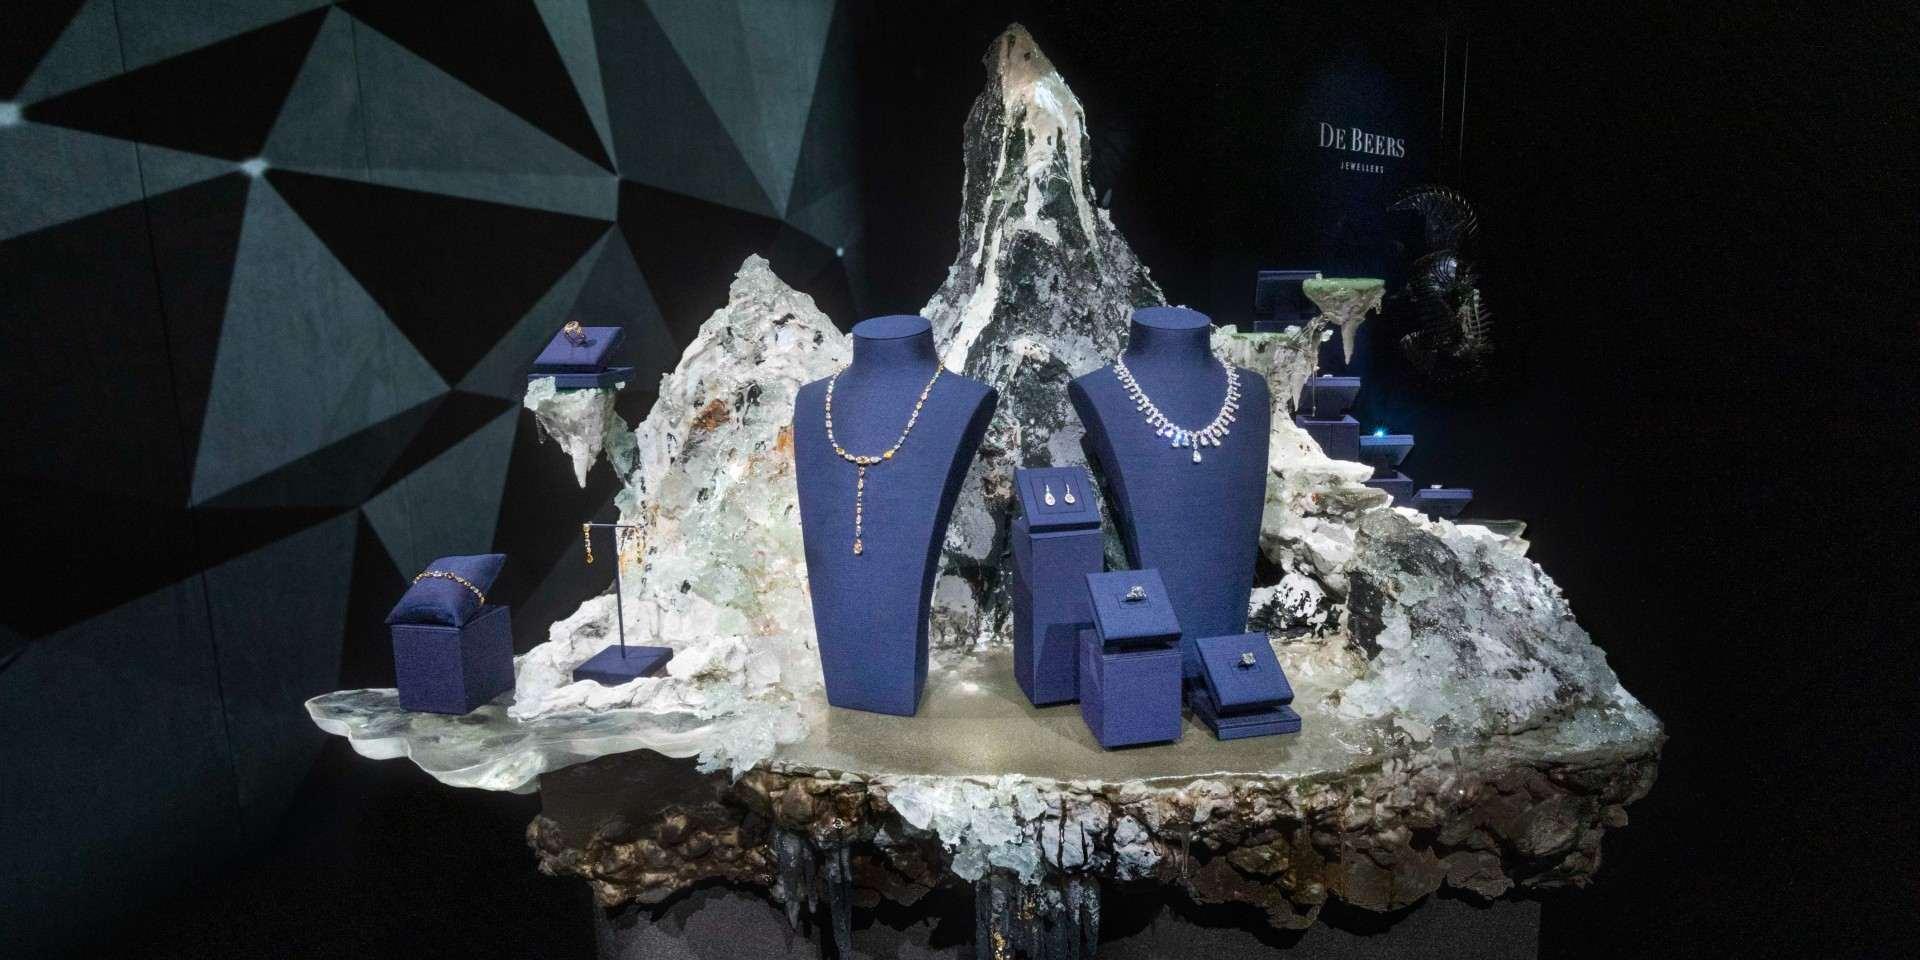 頌讚幻美自然奇蹟:De Beers Nature's Wonders 頂級珠寶展即日起至 5 月 10 日止